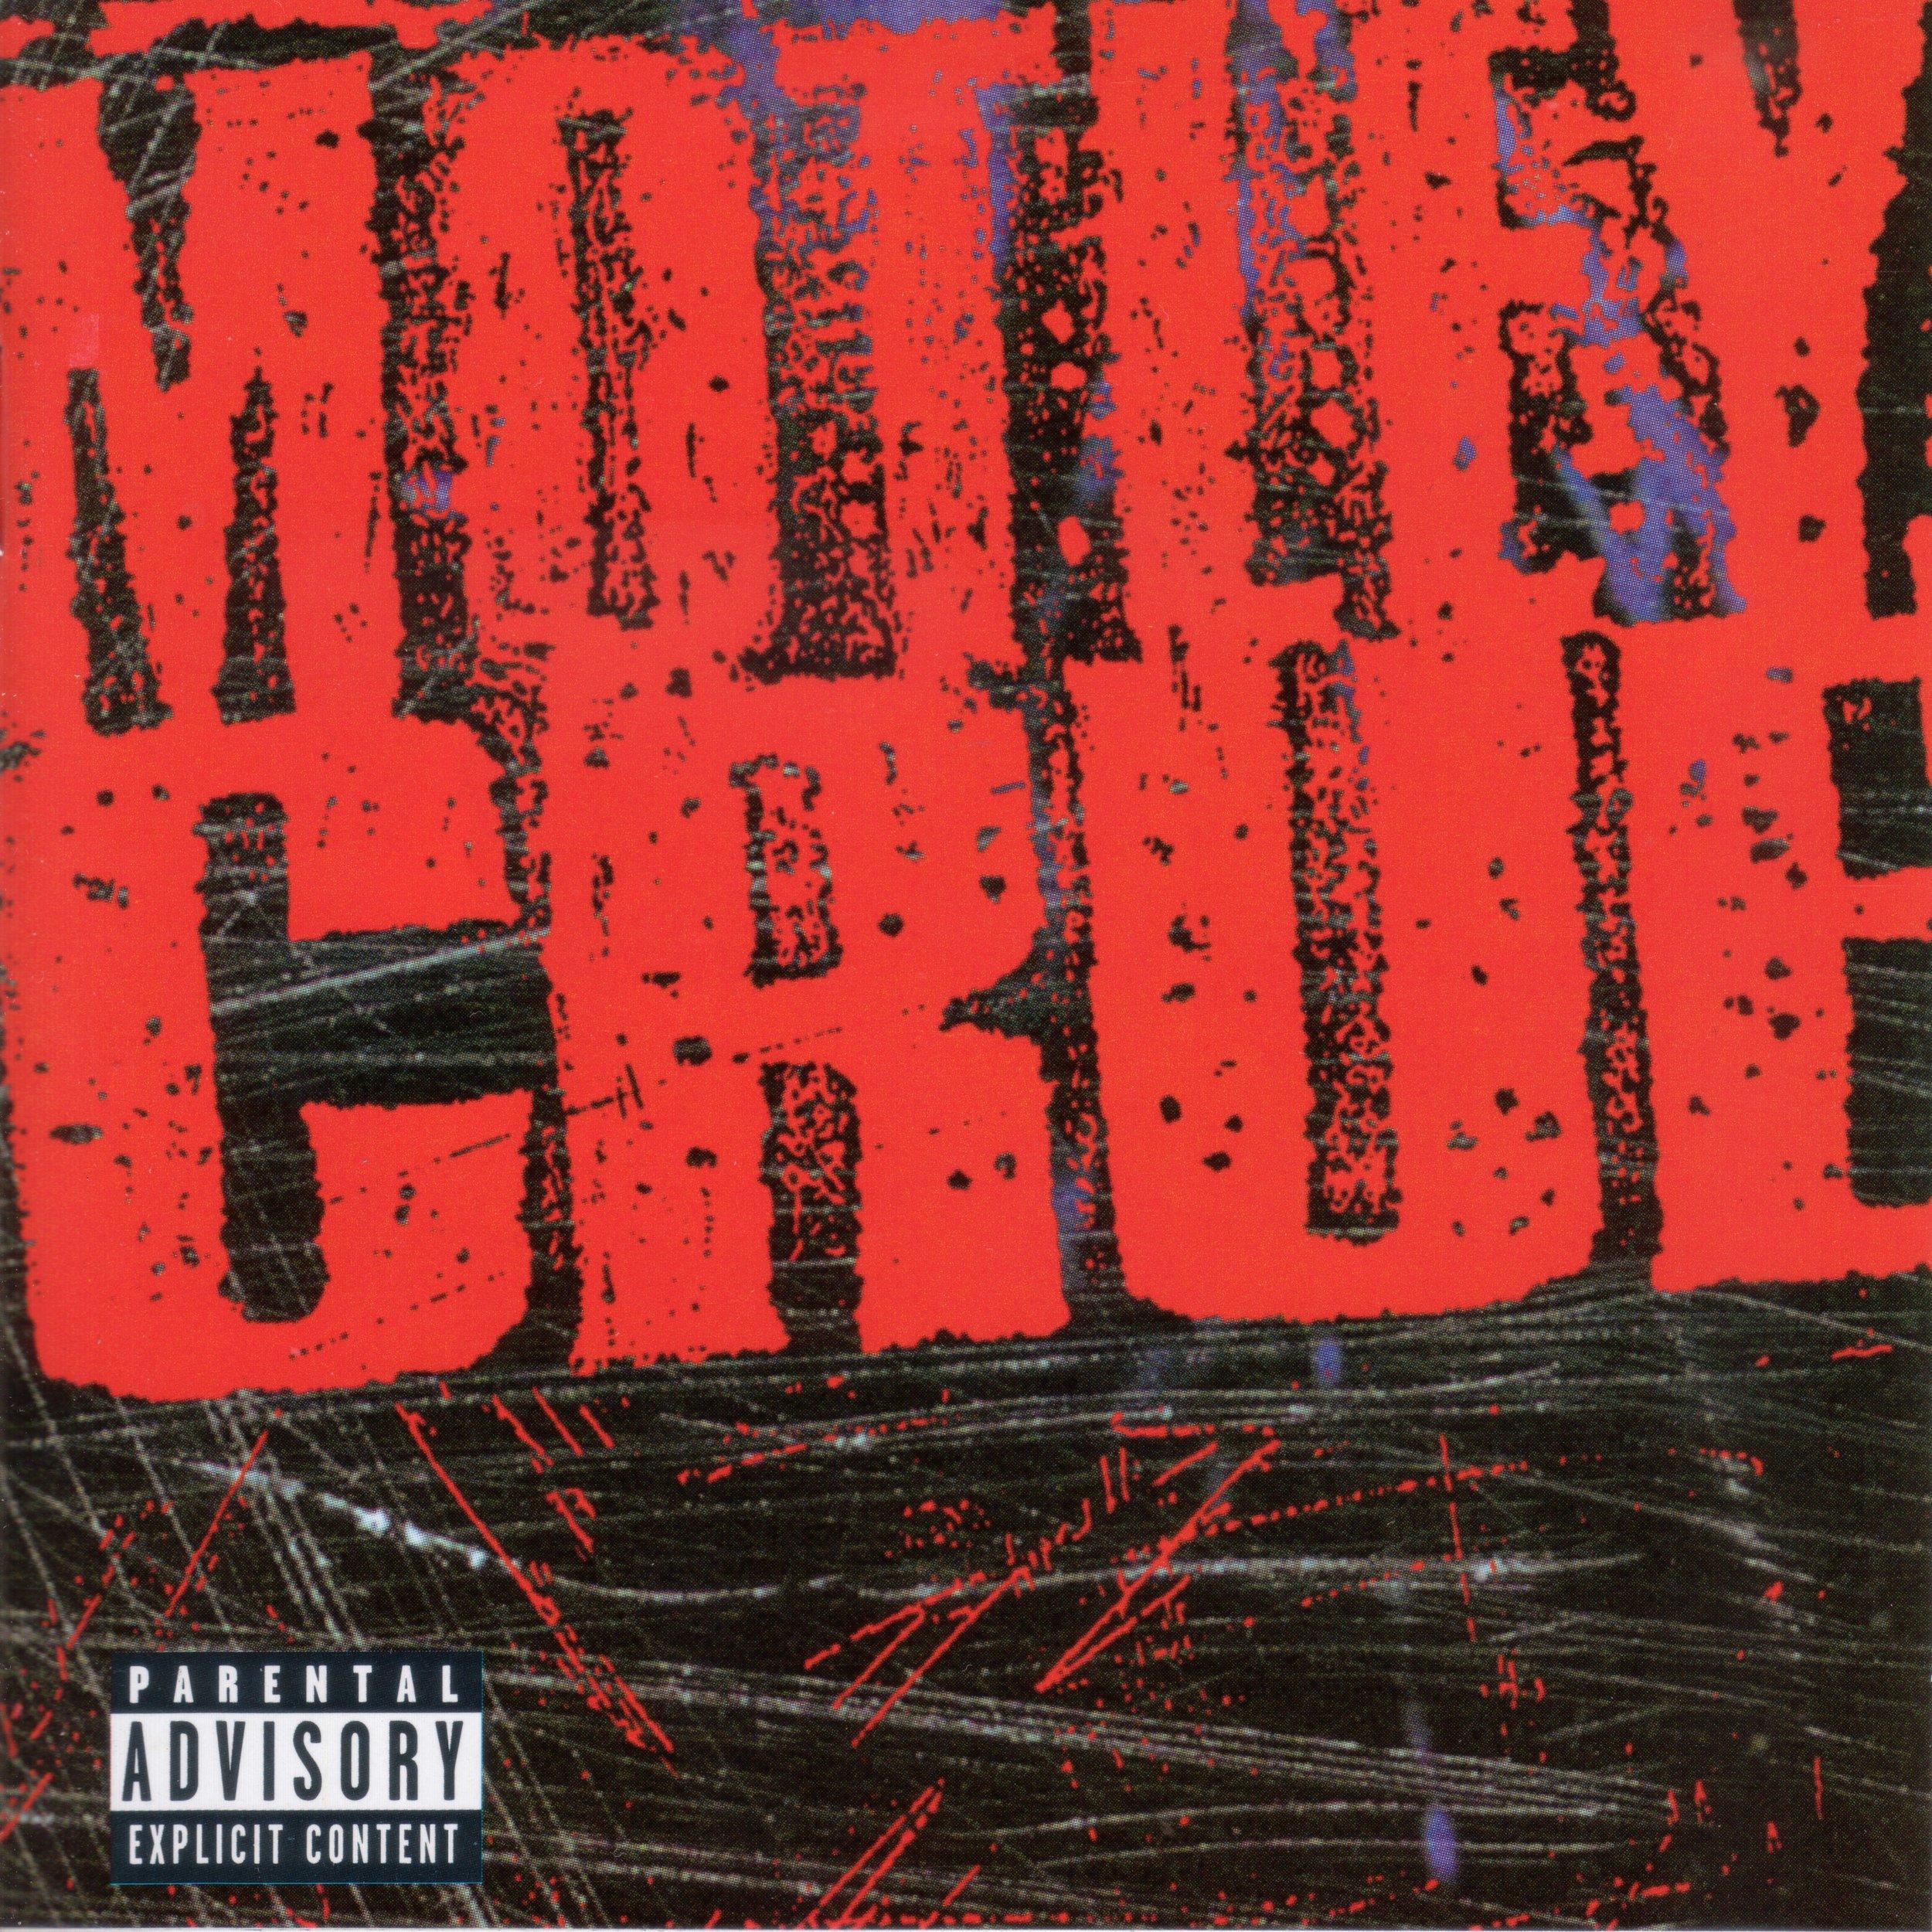 Mötley Crüe - Release Date: March 15, 1994